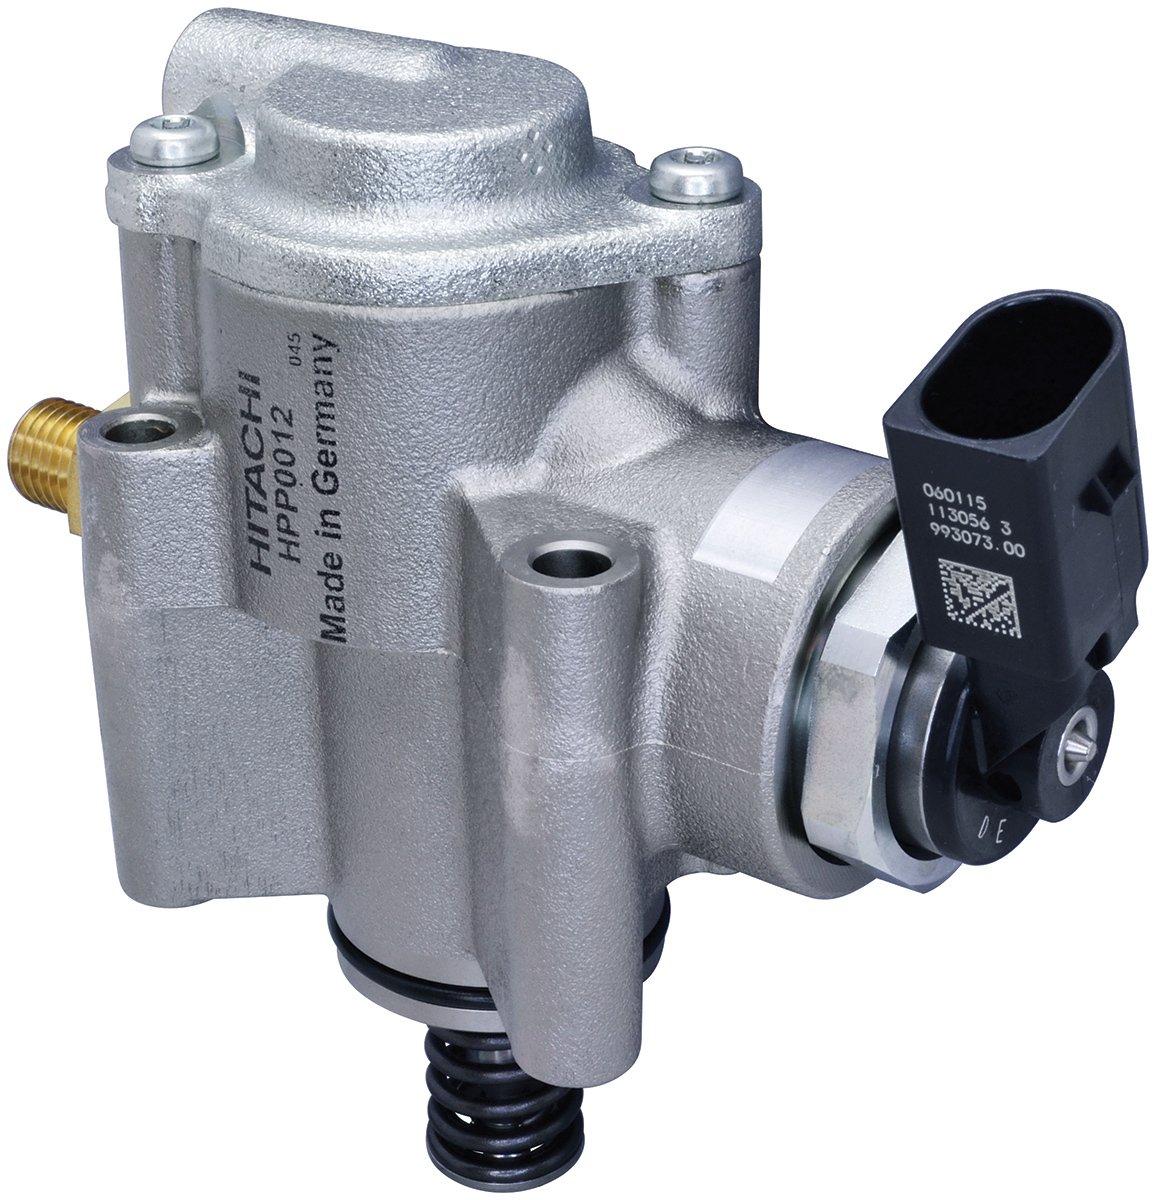 2006 Volkswagen Passat Direct Injection High Pressure Fuel Pump Hi Hpp0012